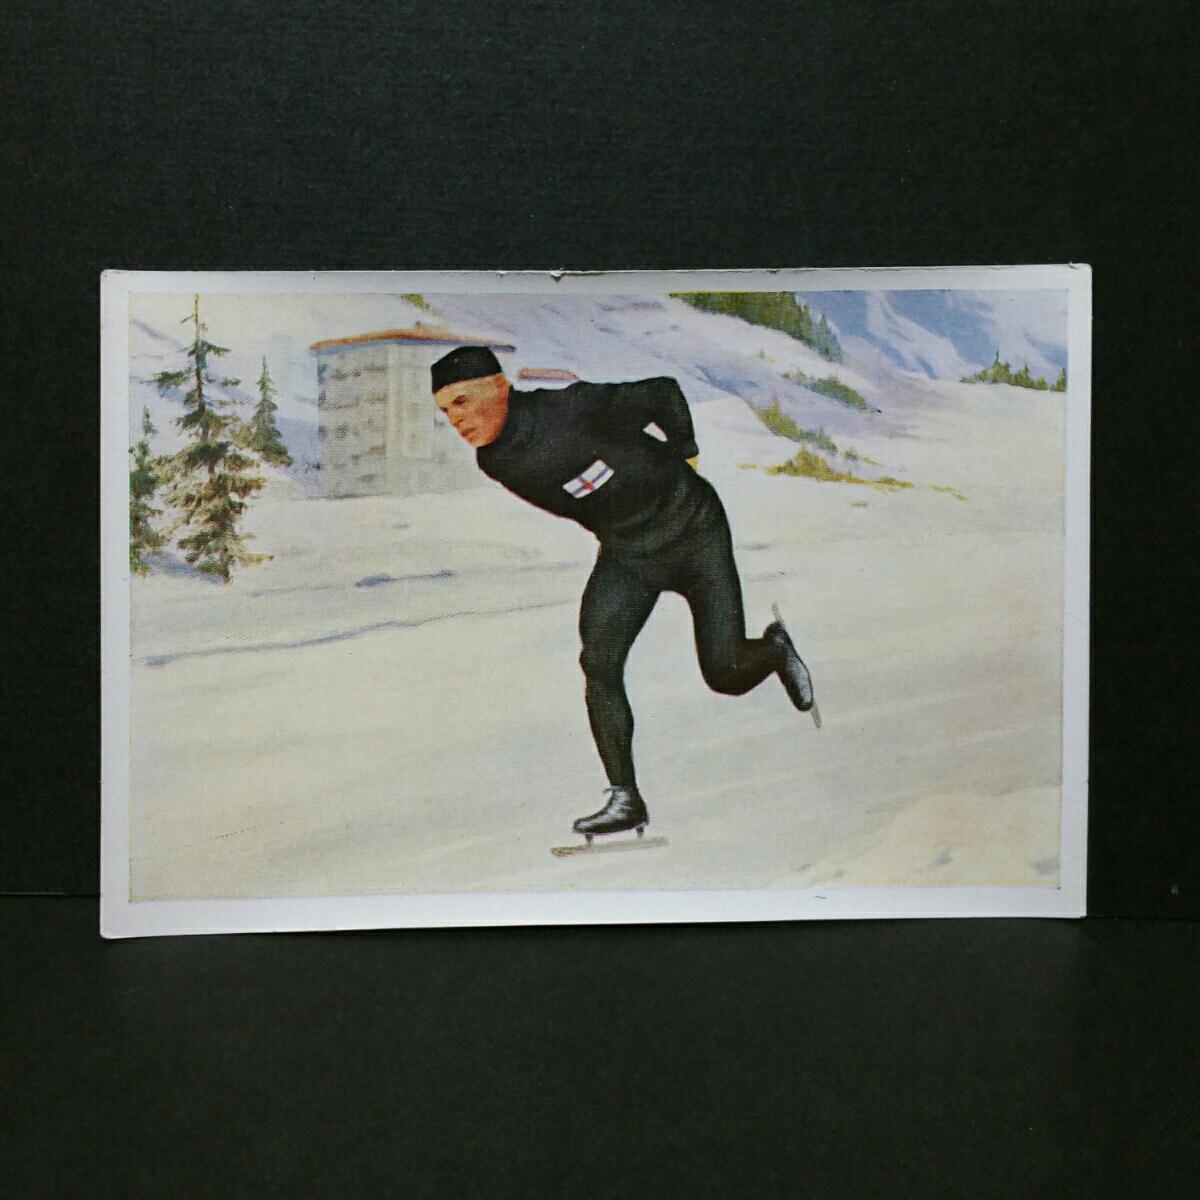 1933 sanella set スポーツカード 冬季オリンピック スピードスケート /ブロマイド